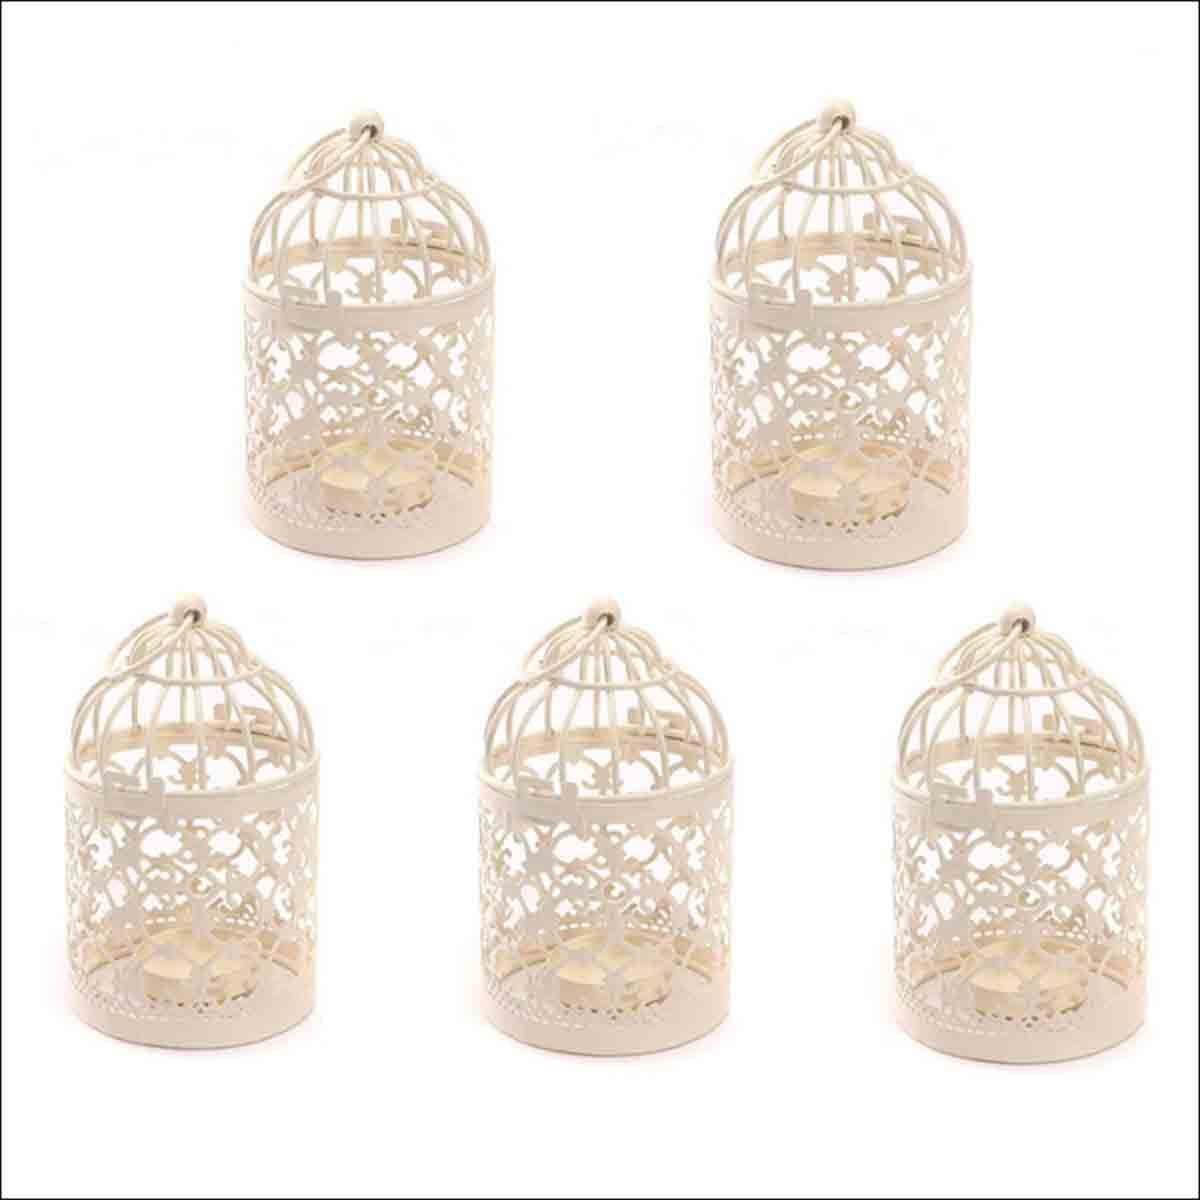 jaulas decorativas pequeñas estilo vintage